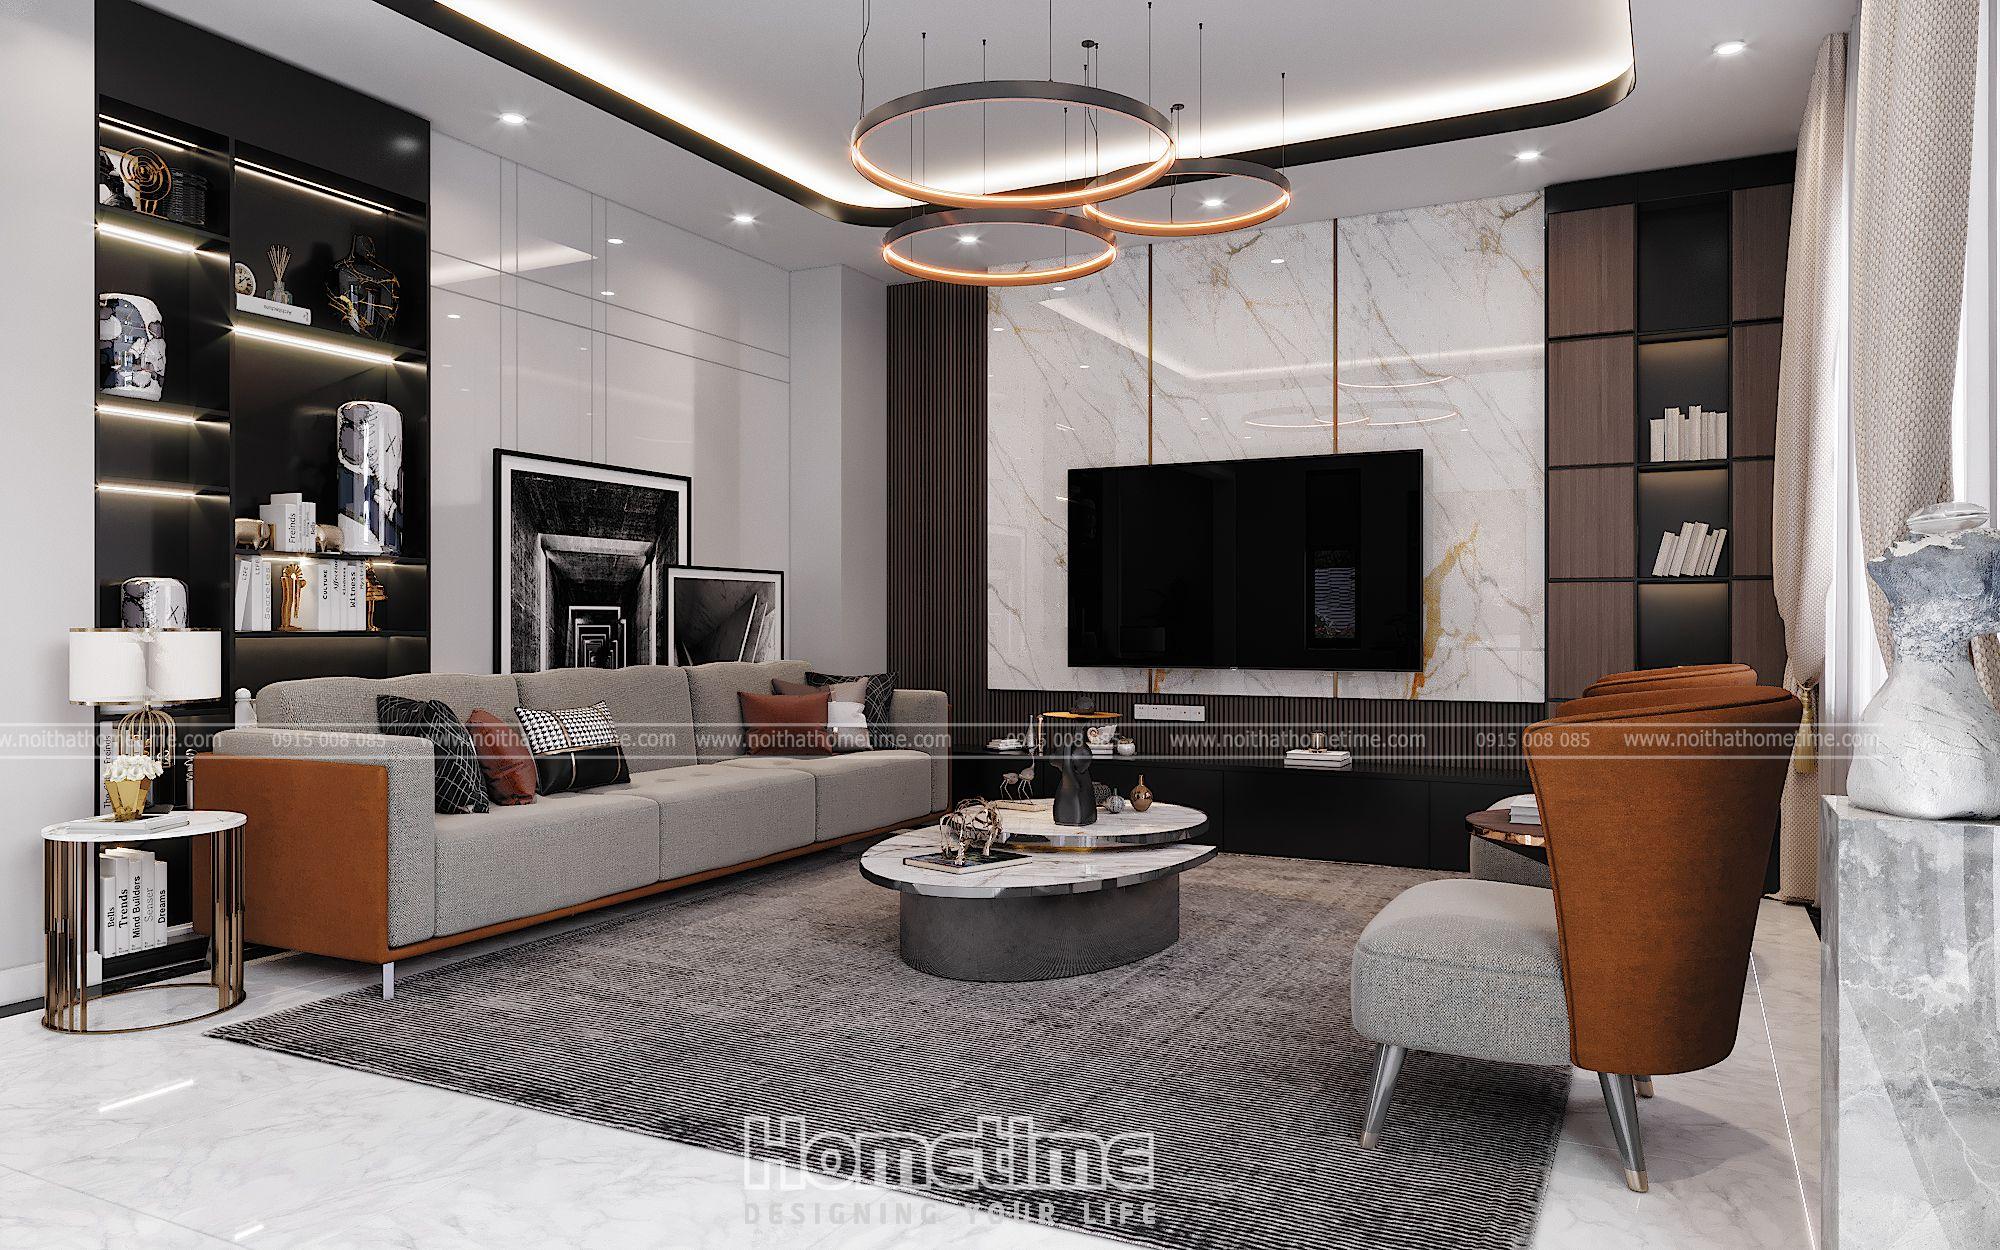 Chất liệu thiết kế nội thất phòng khách đạt hiệu quả cao